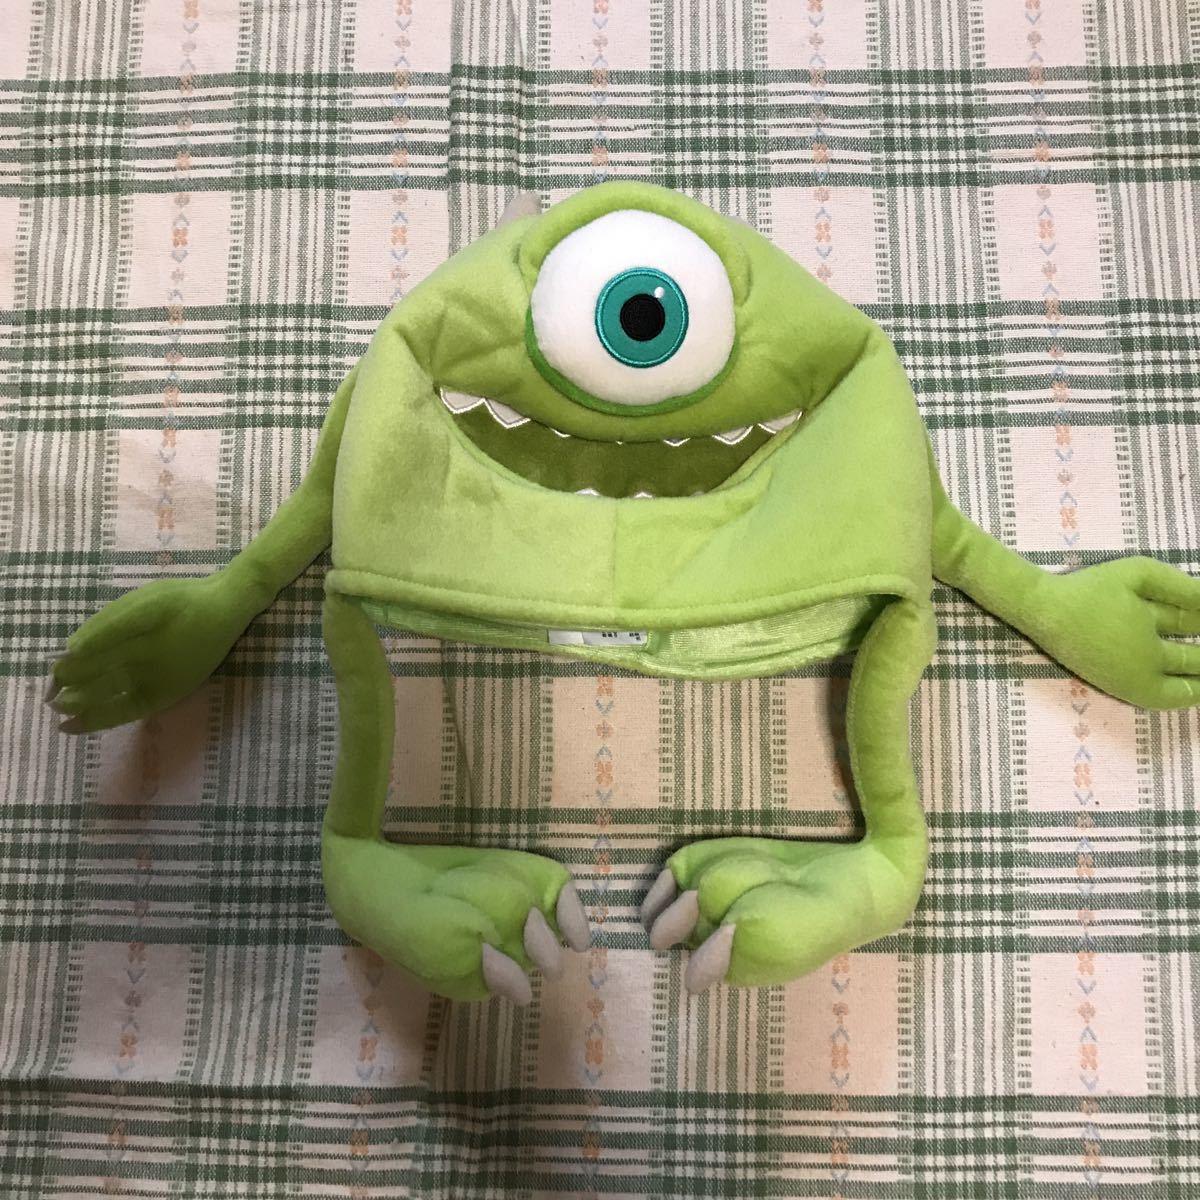 ディズニー モンスターズインク マイク ファンキャップ 帽子 ぬいぐるみ キャップ☆TDRTDLTDS ハロウィン 仮装 コスプレ サリー